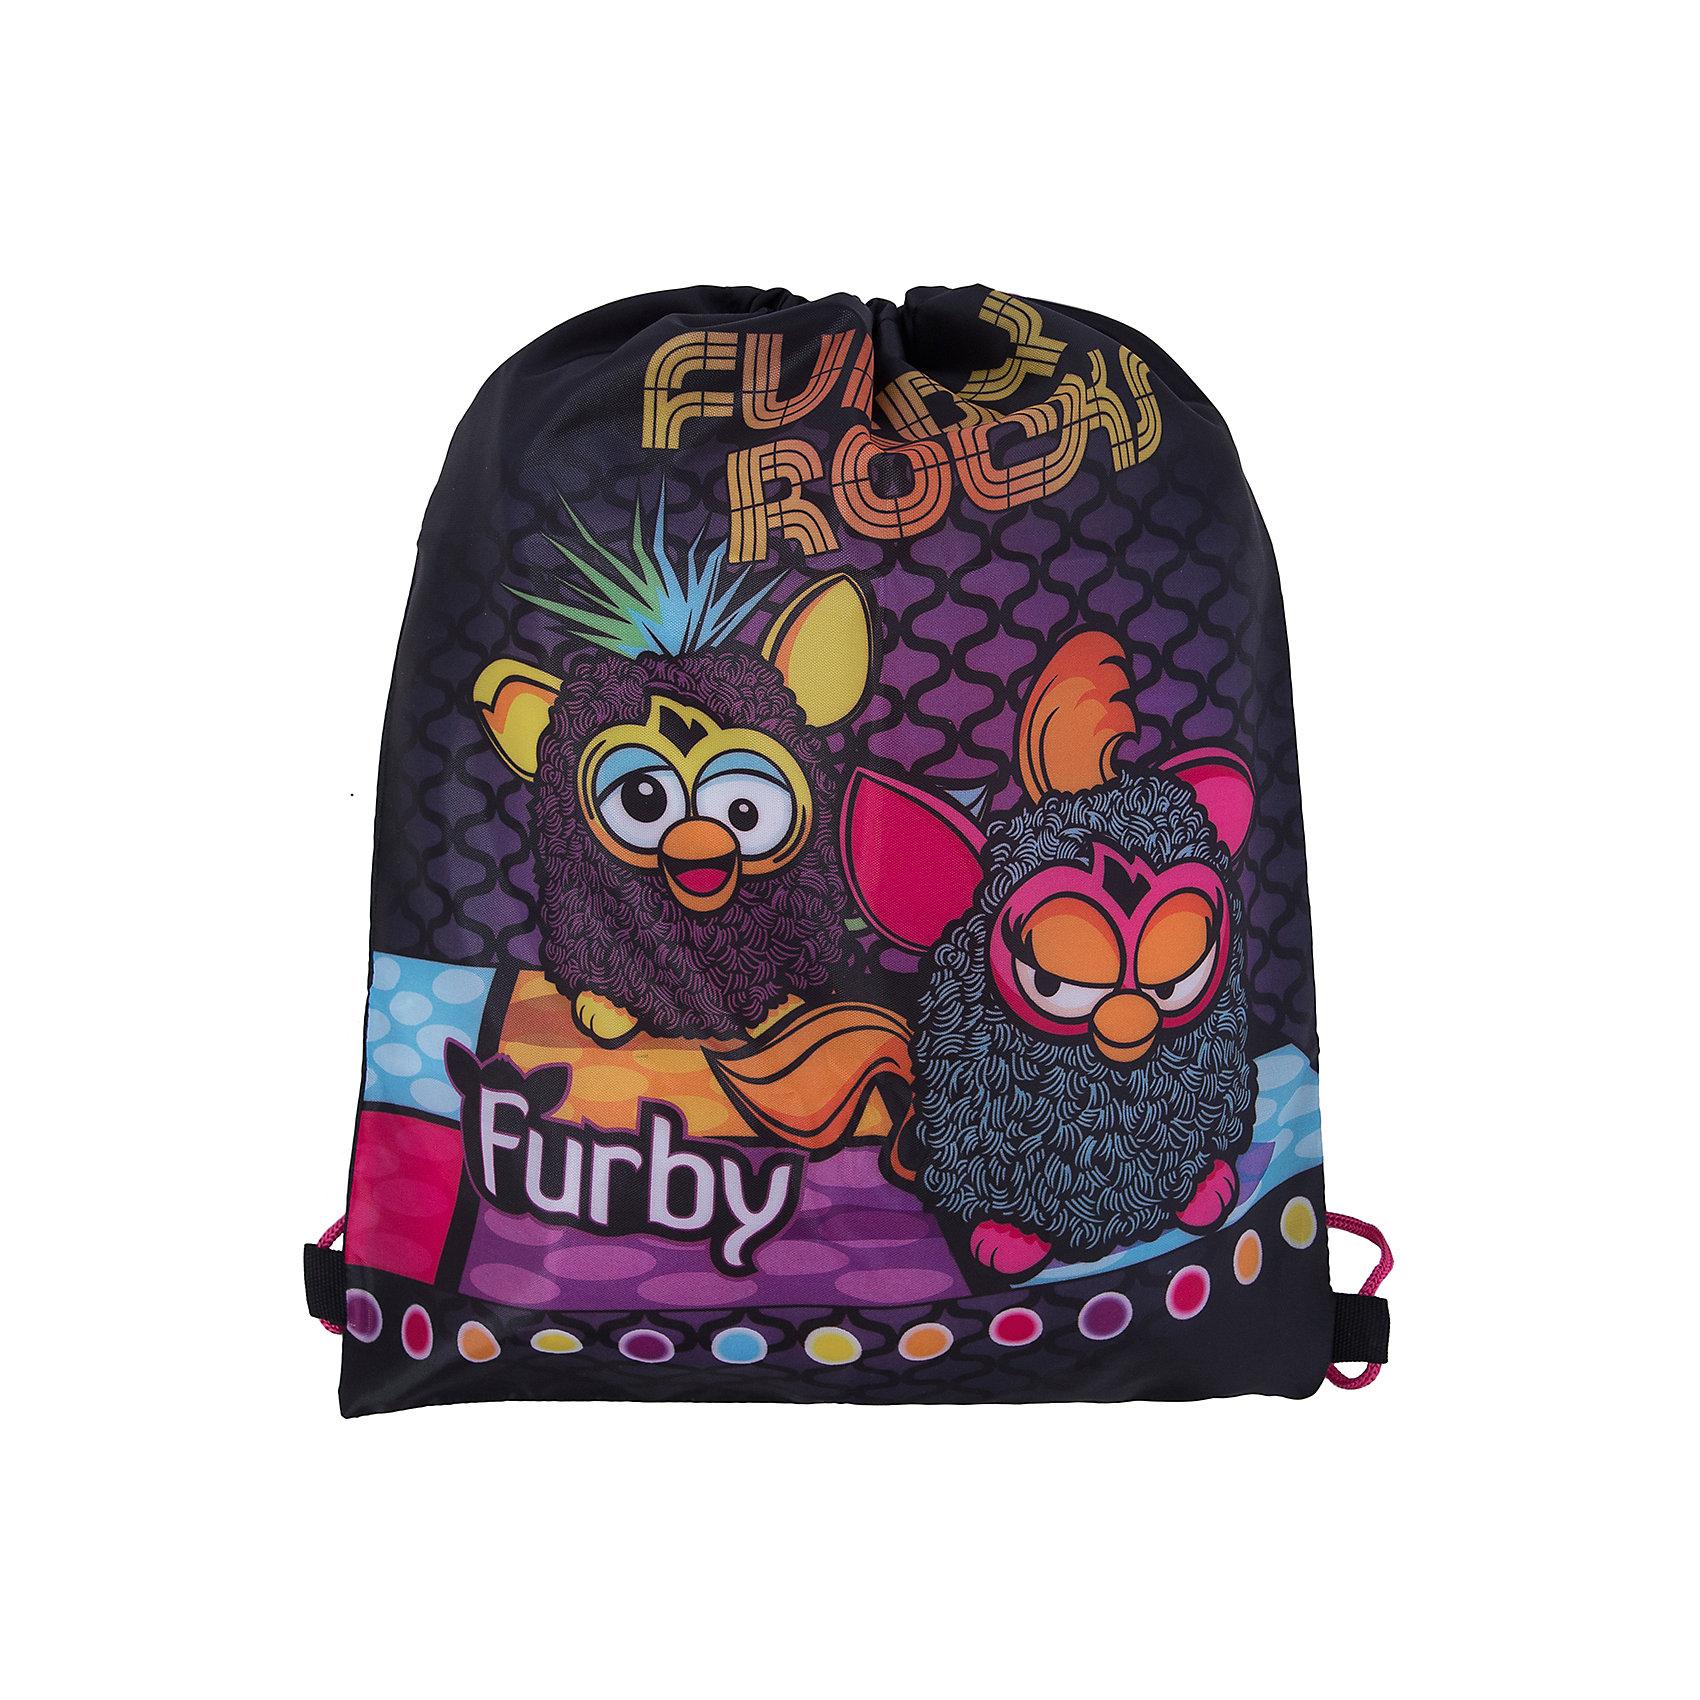 Сумка-рюкзак для обувиСумка-рюкзак для обуви Furby (Ферби)- отличный заменитель обычных пакетов, которые используют юные школьницы, вынужденные ежедневно носить с собой пару сменных туфель или кроссовки для занятия спортом. Удобная форма, небольшой размер, красивый дизайн - вот то, что понравится Вашей дочке в этом товаре.<br>Сумка-мешок Furby сделана из качественного текстиля, затягивается шнурками, выполняющими дополнительную функцию лямок Сумка-рюкзак для обуви с удобными лямками-завязками и наружным карманом на молнии теперь можно переносить не только в руках, но и за спиной. На задней поверхности сумки есть специальное отверстие для вентиляции.  В такой рюкзачок помещается одна пара обуви. Изюминкой дизайна считается использование изображения любимых героев.<br><br>Дополнительная информация:<br><br>- материал: полиэстер<br>- размер рюкзака: 43х34 см.<br>- вес: 71 г<br><br>Сумку-рюкзак для обуви Furby (Ферби)можно купить в нашем магазине.<br><br>Ширина мм: 350<br>Глубина мм: 350<br>Высота мм: 20<br>Вес г: 500<br>Возраст от месяцев: 48<br>Возраст до месяцев: 84<br>Пол: Унисекс<br>Возраст: Детский<br>SKU: 3562959